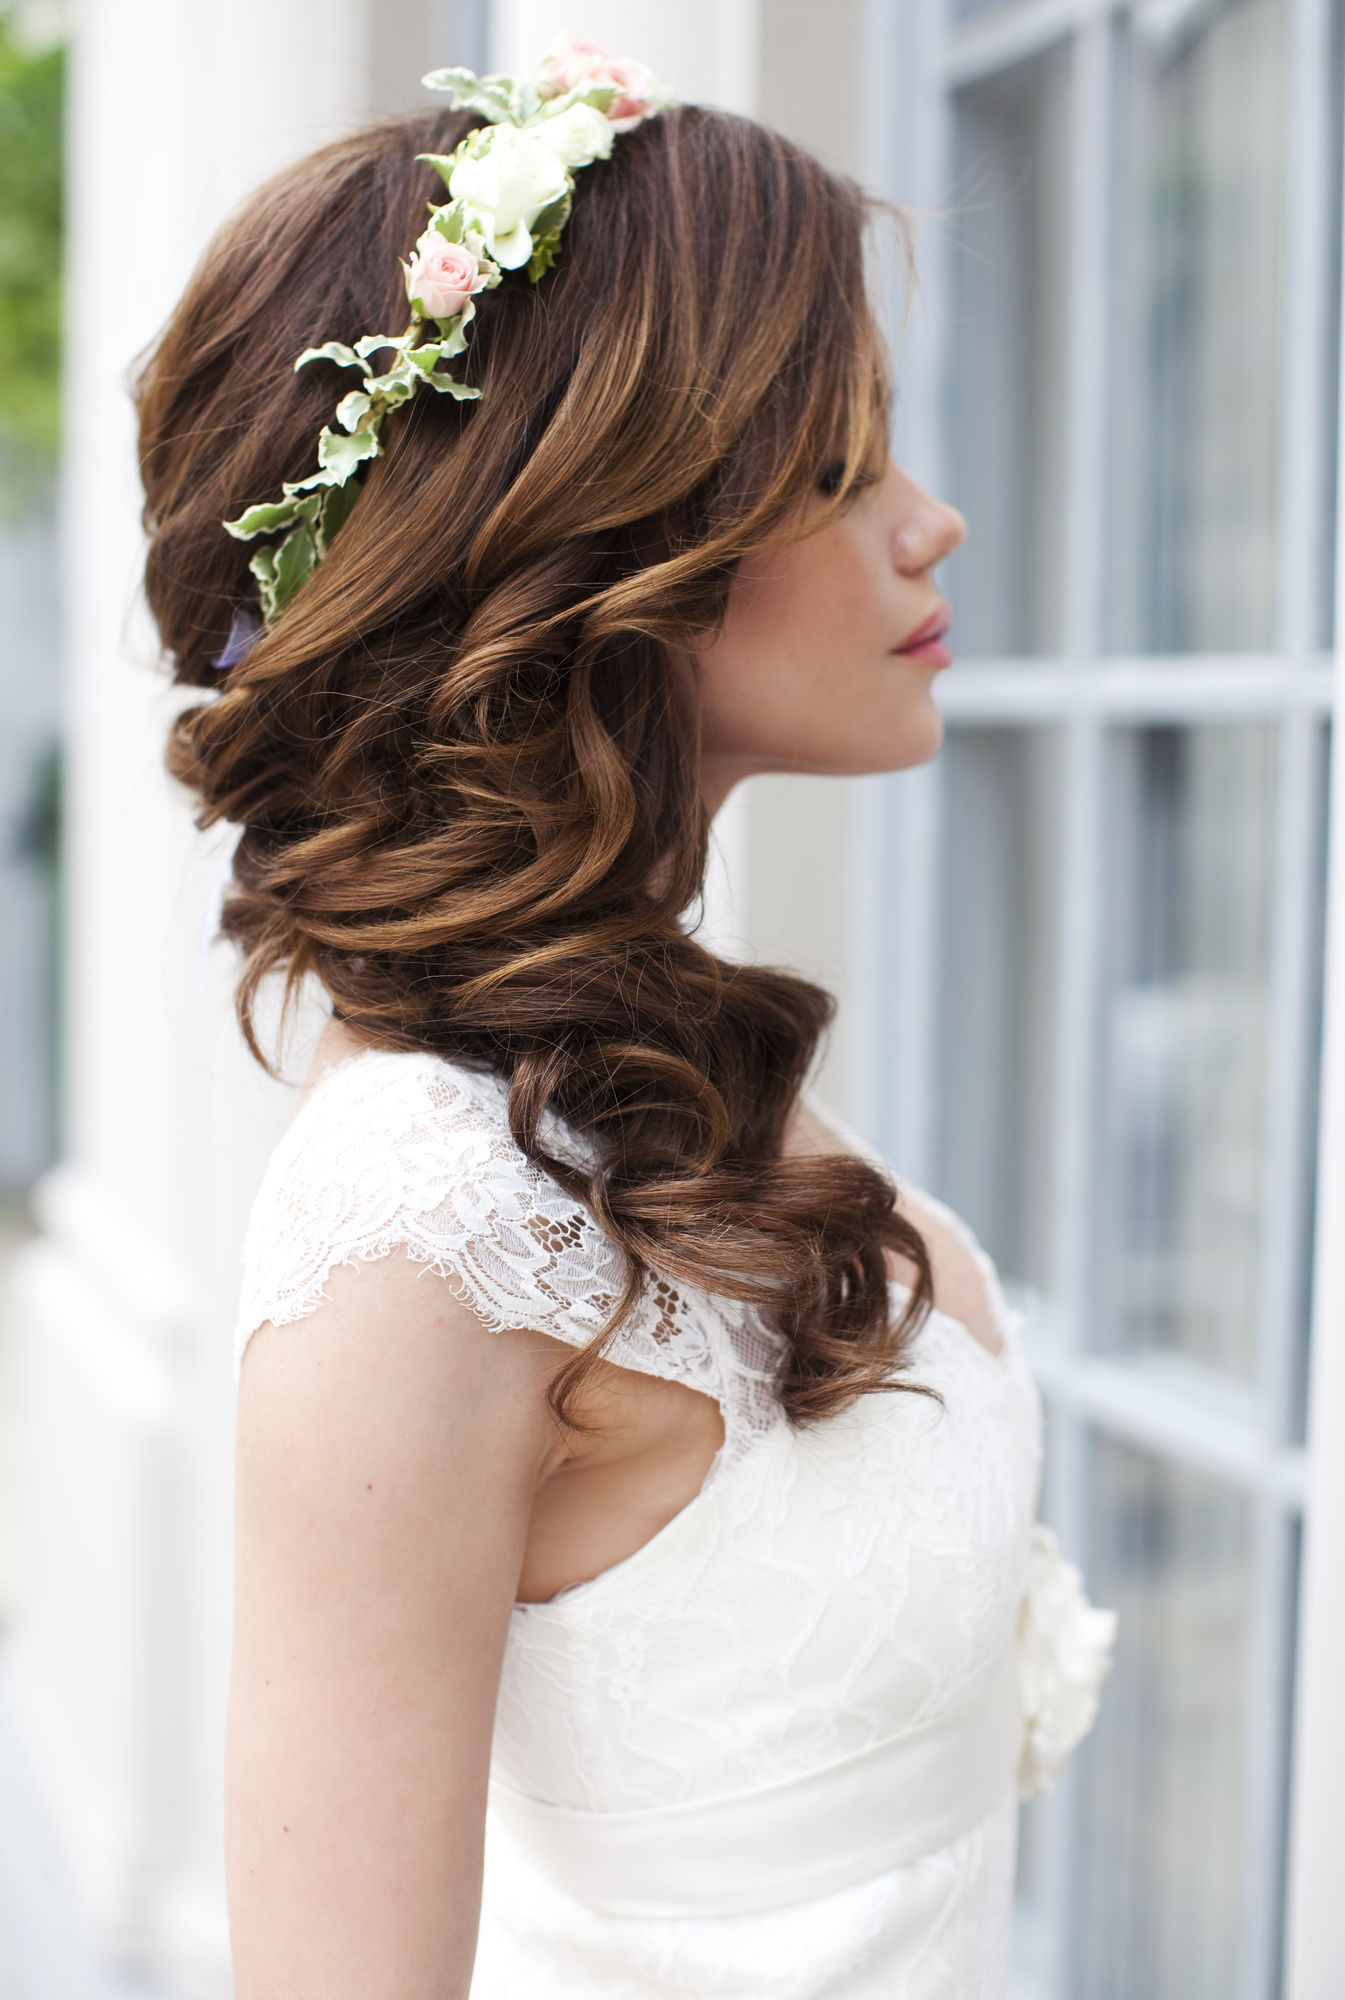 свадебная прическа с крупными локонами и украшением в виде ободка из цветов.